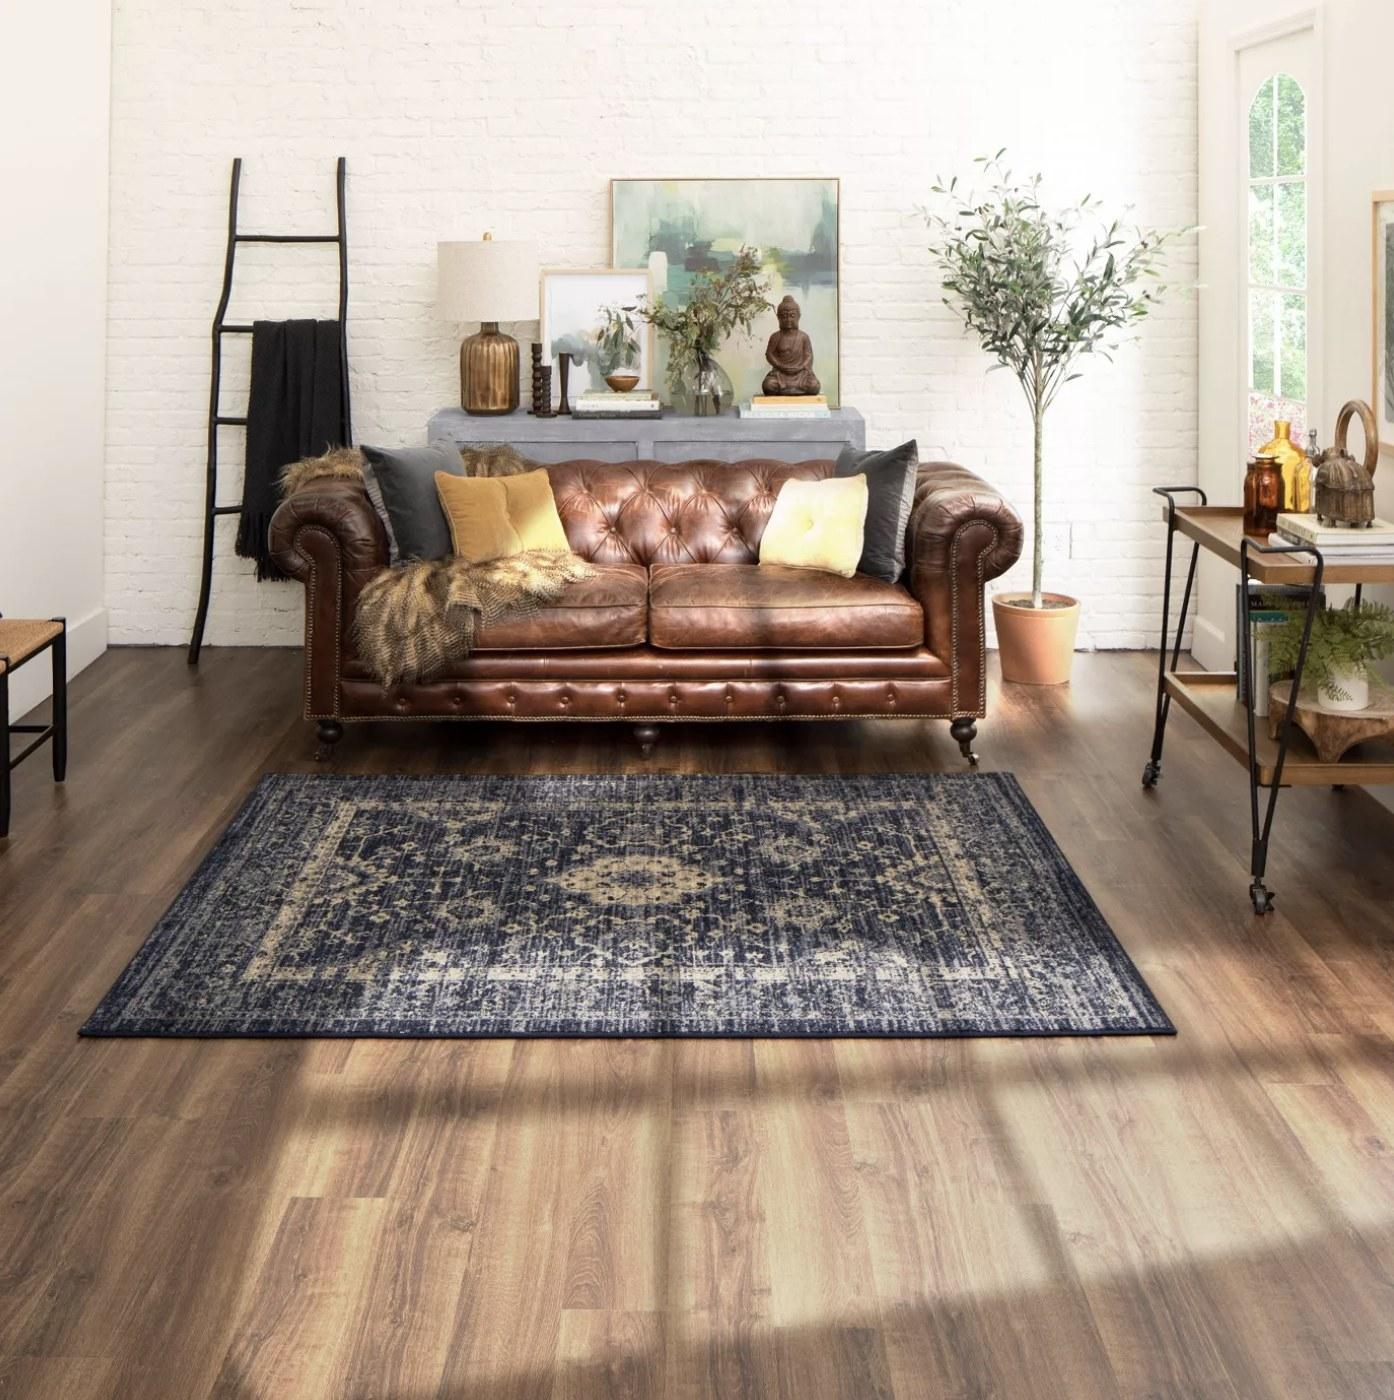 The vintage distressed rug